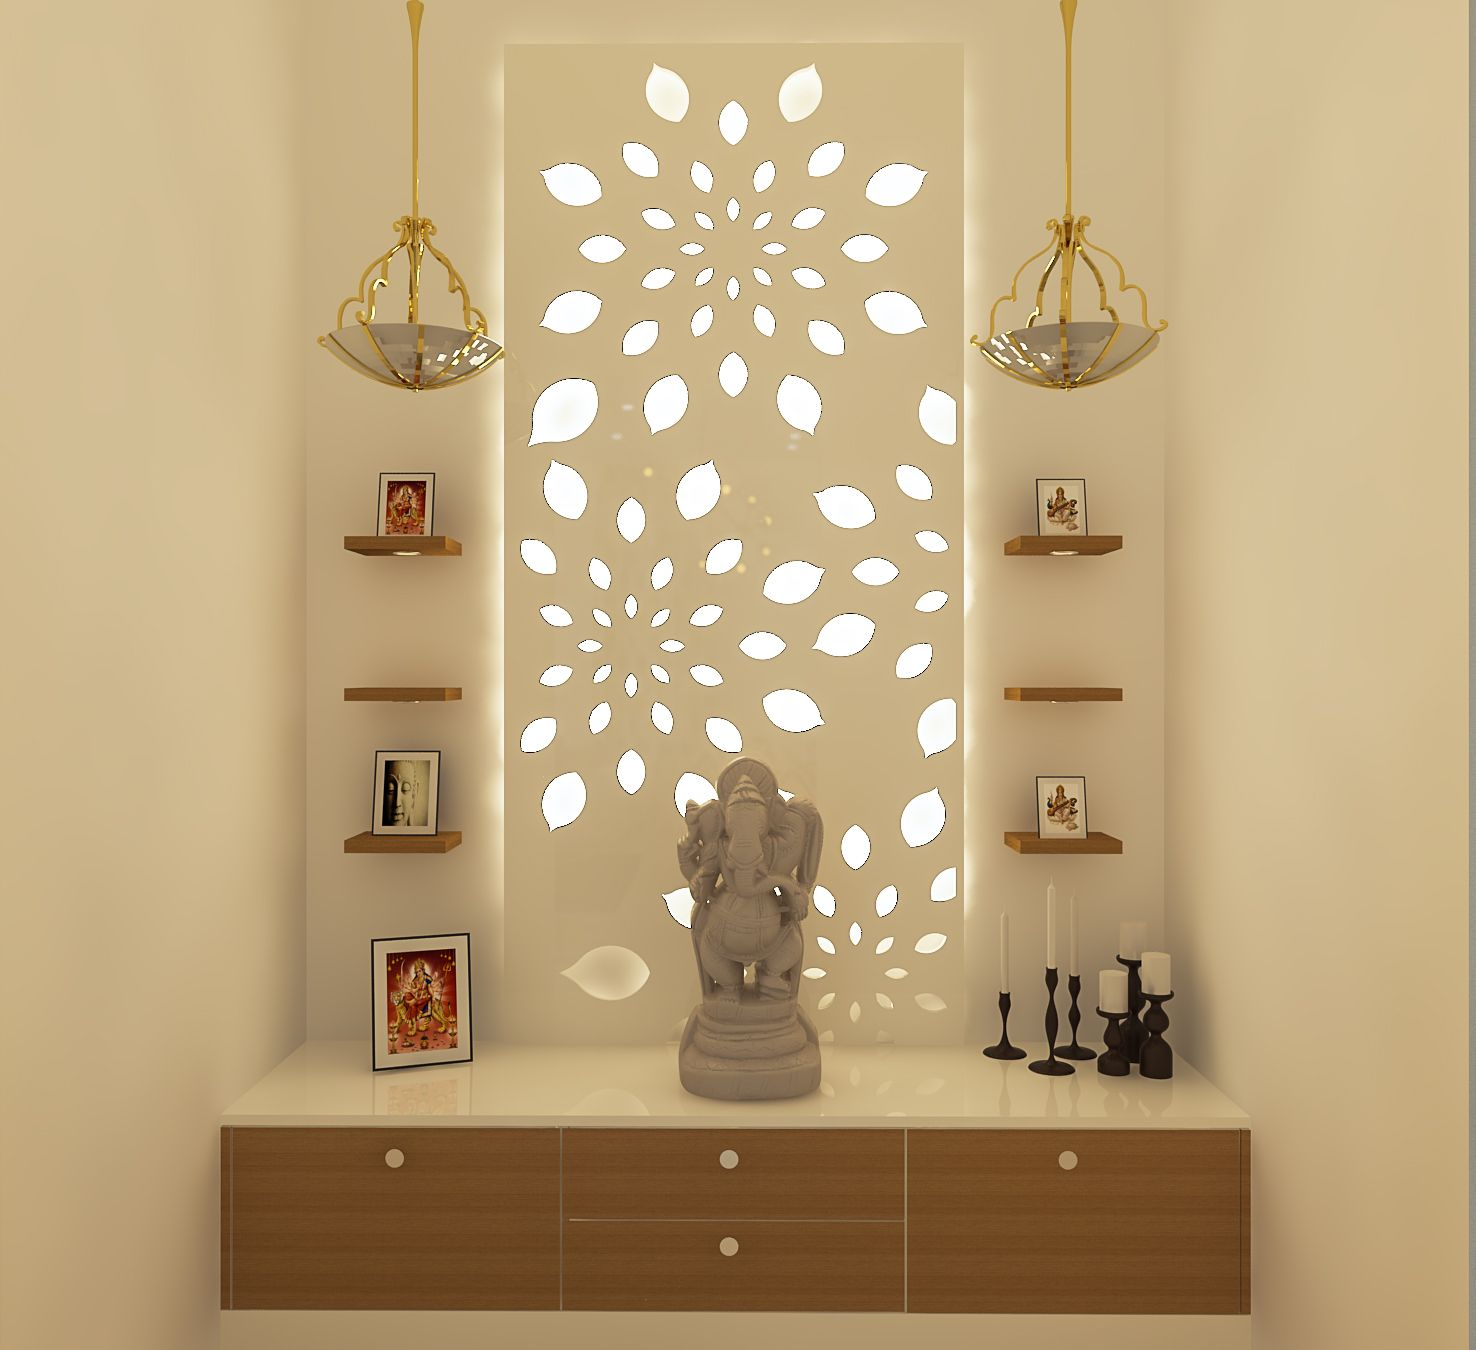 Pooja Room Bonito Designs In 2020 Pooja Room Door Design Pooja Rooms Room Door Design